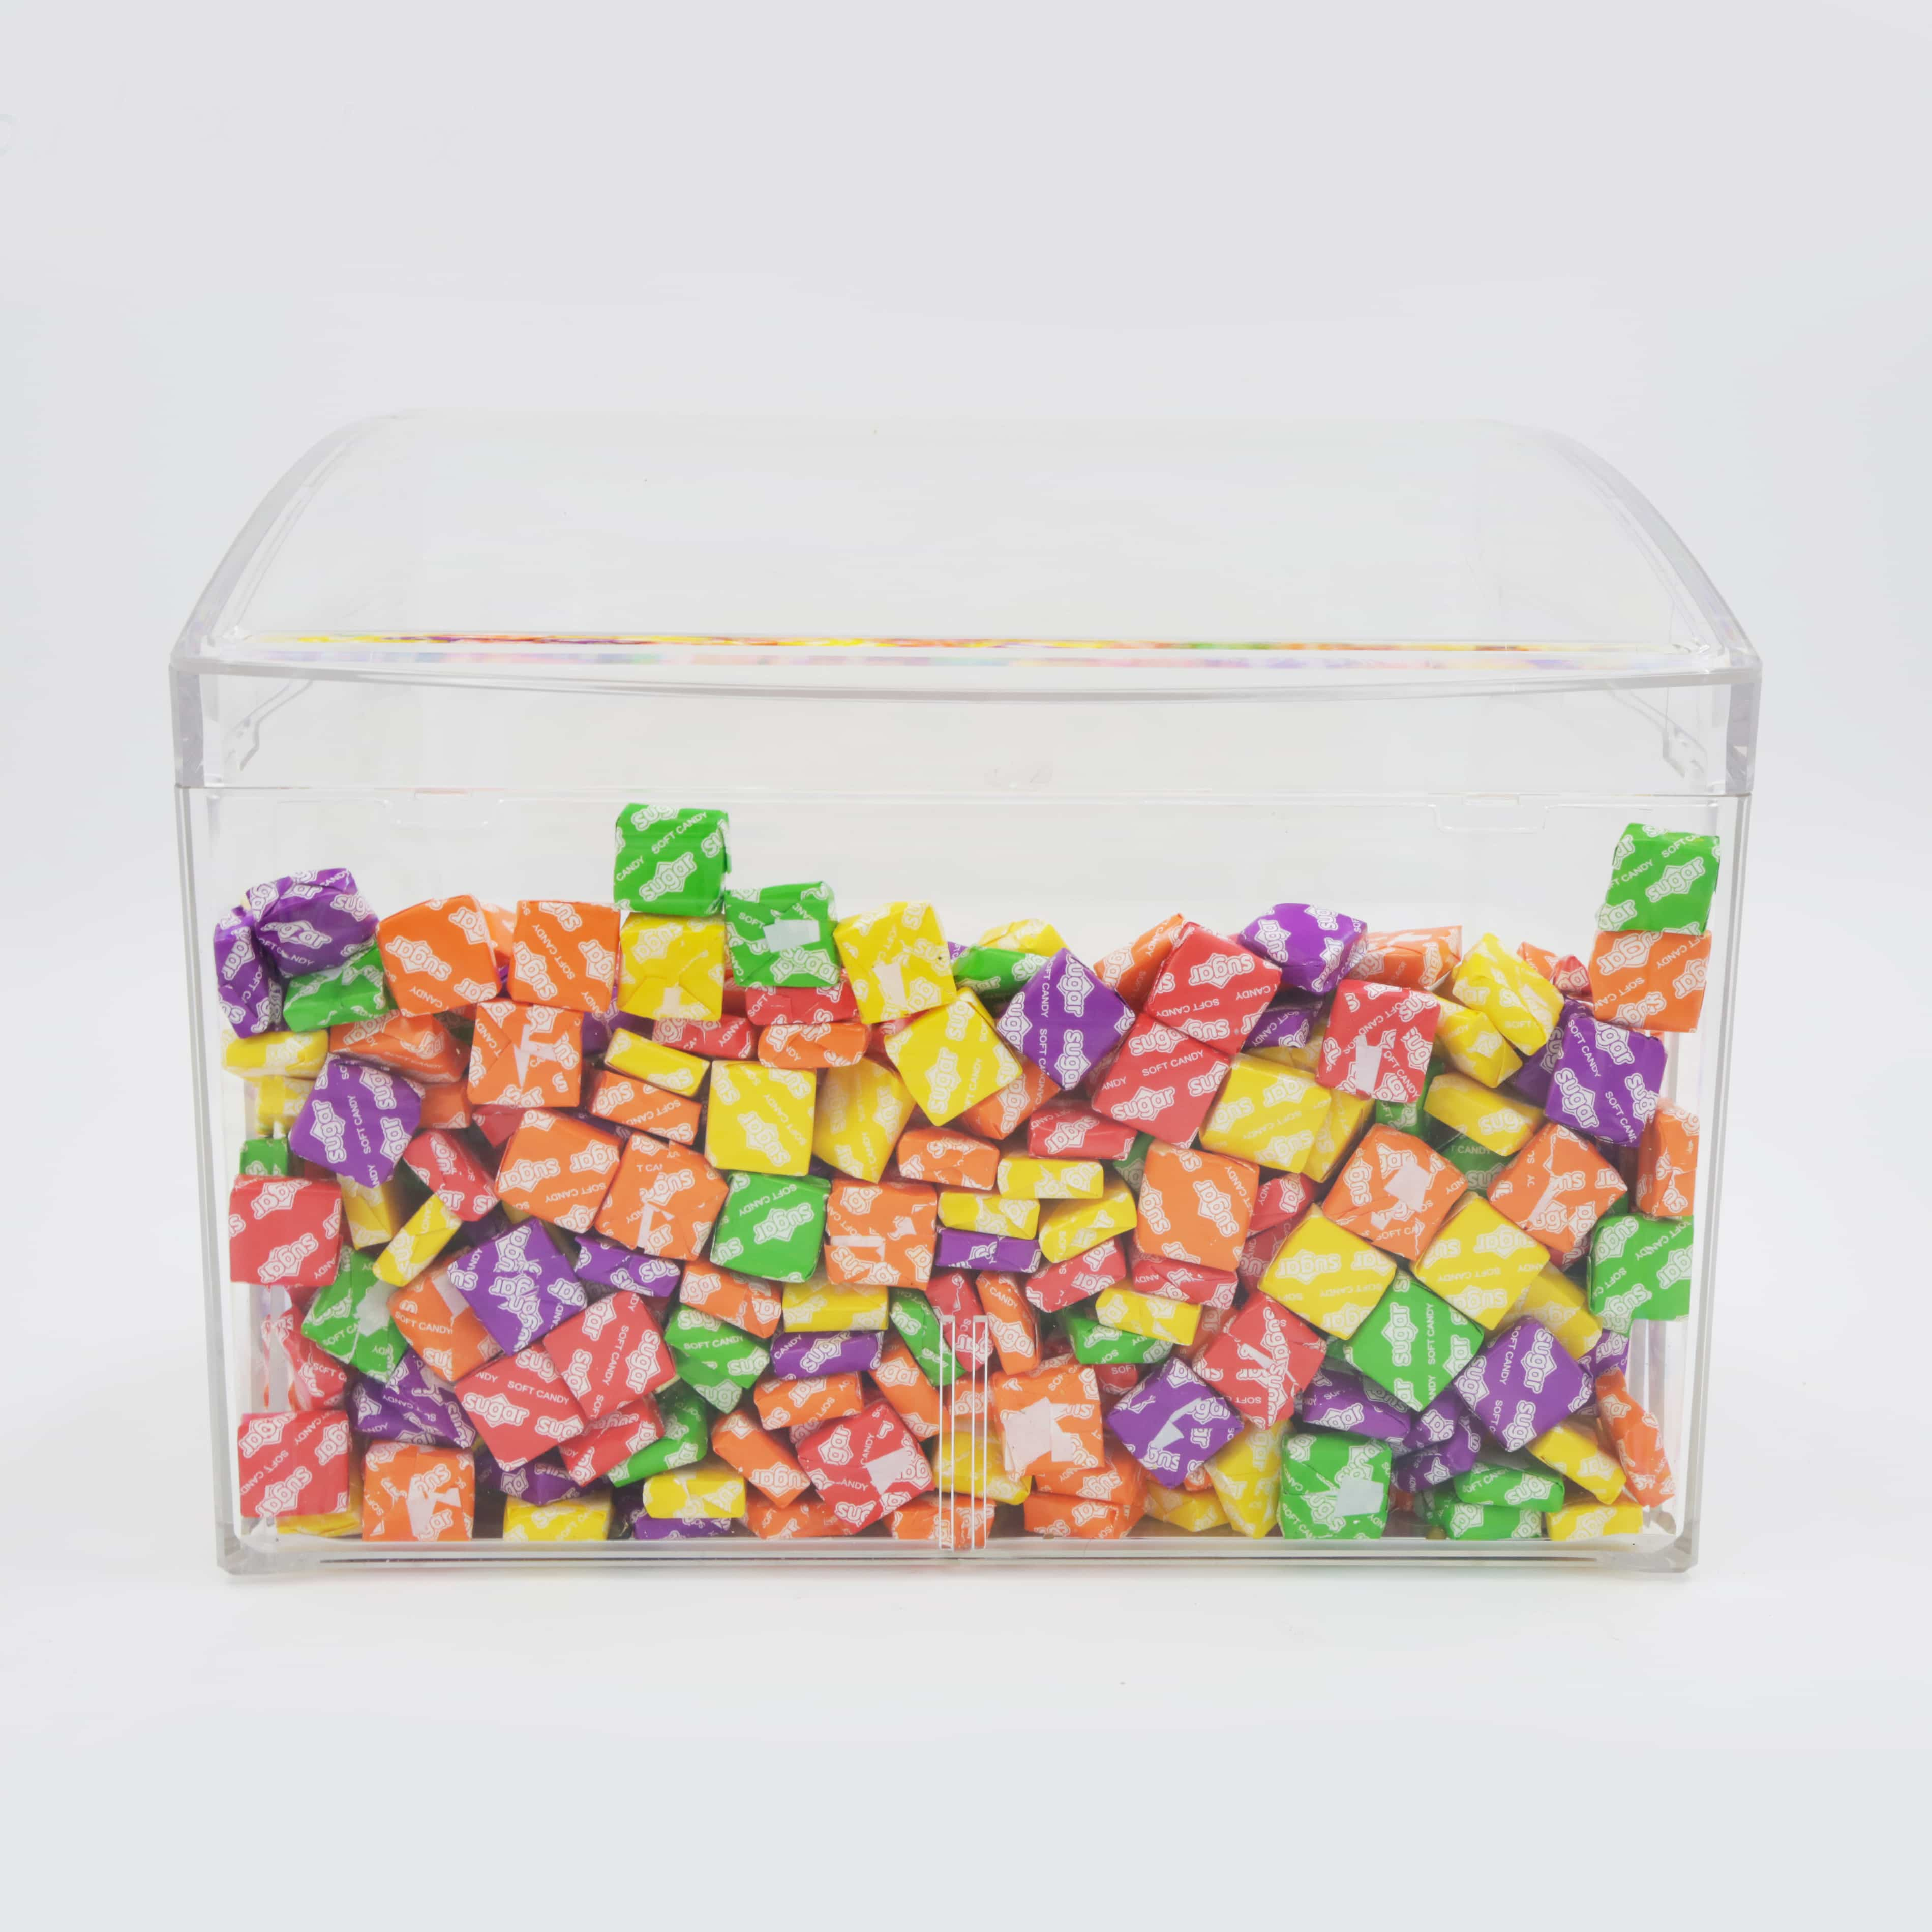 Candybox Großbehälter für Lebensmittel